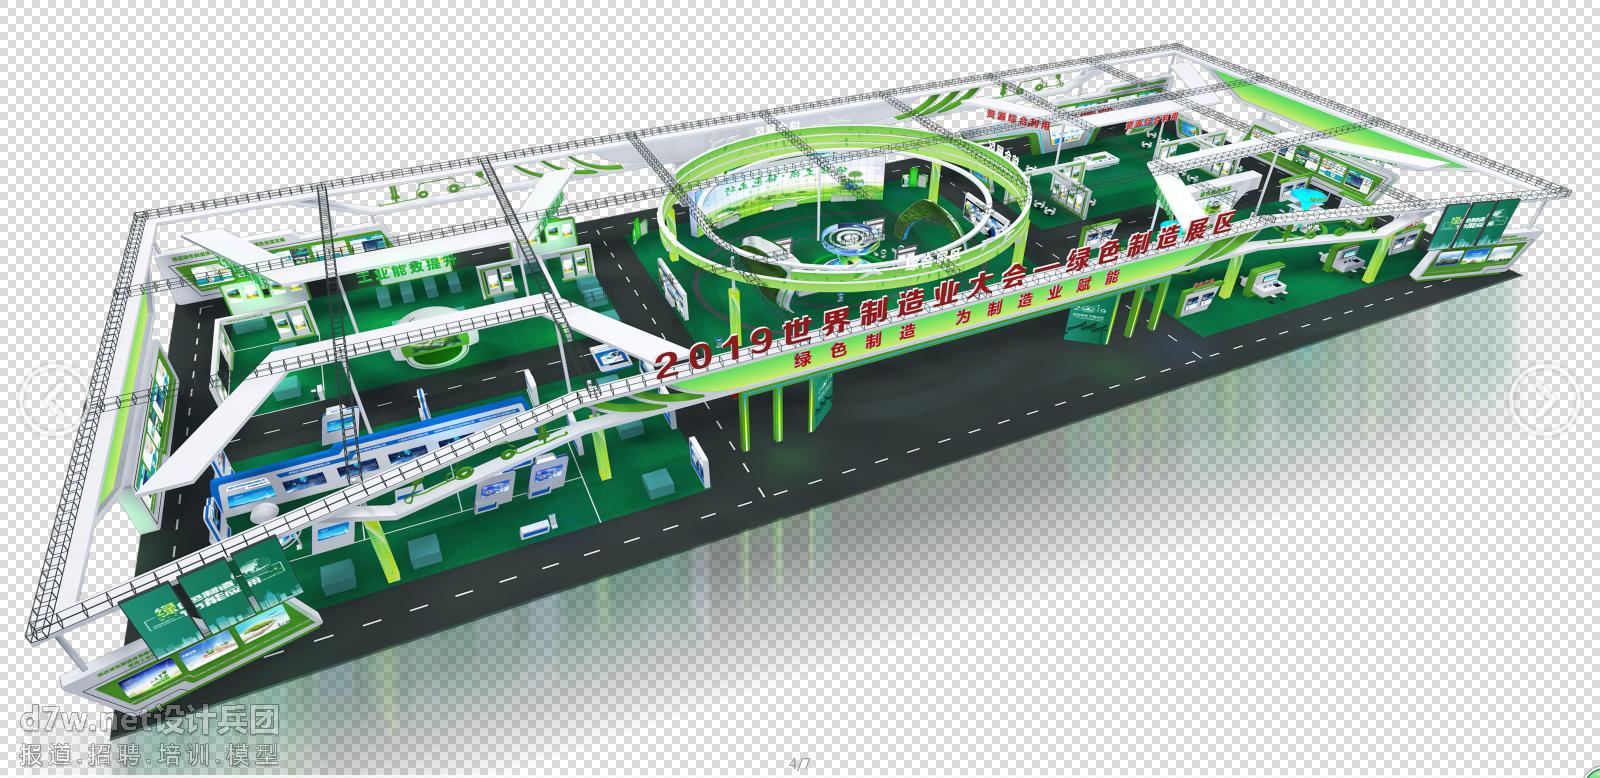 绿色制造1.png